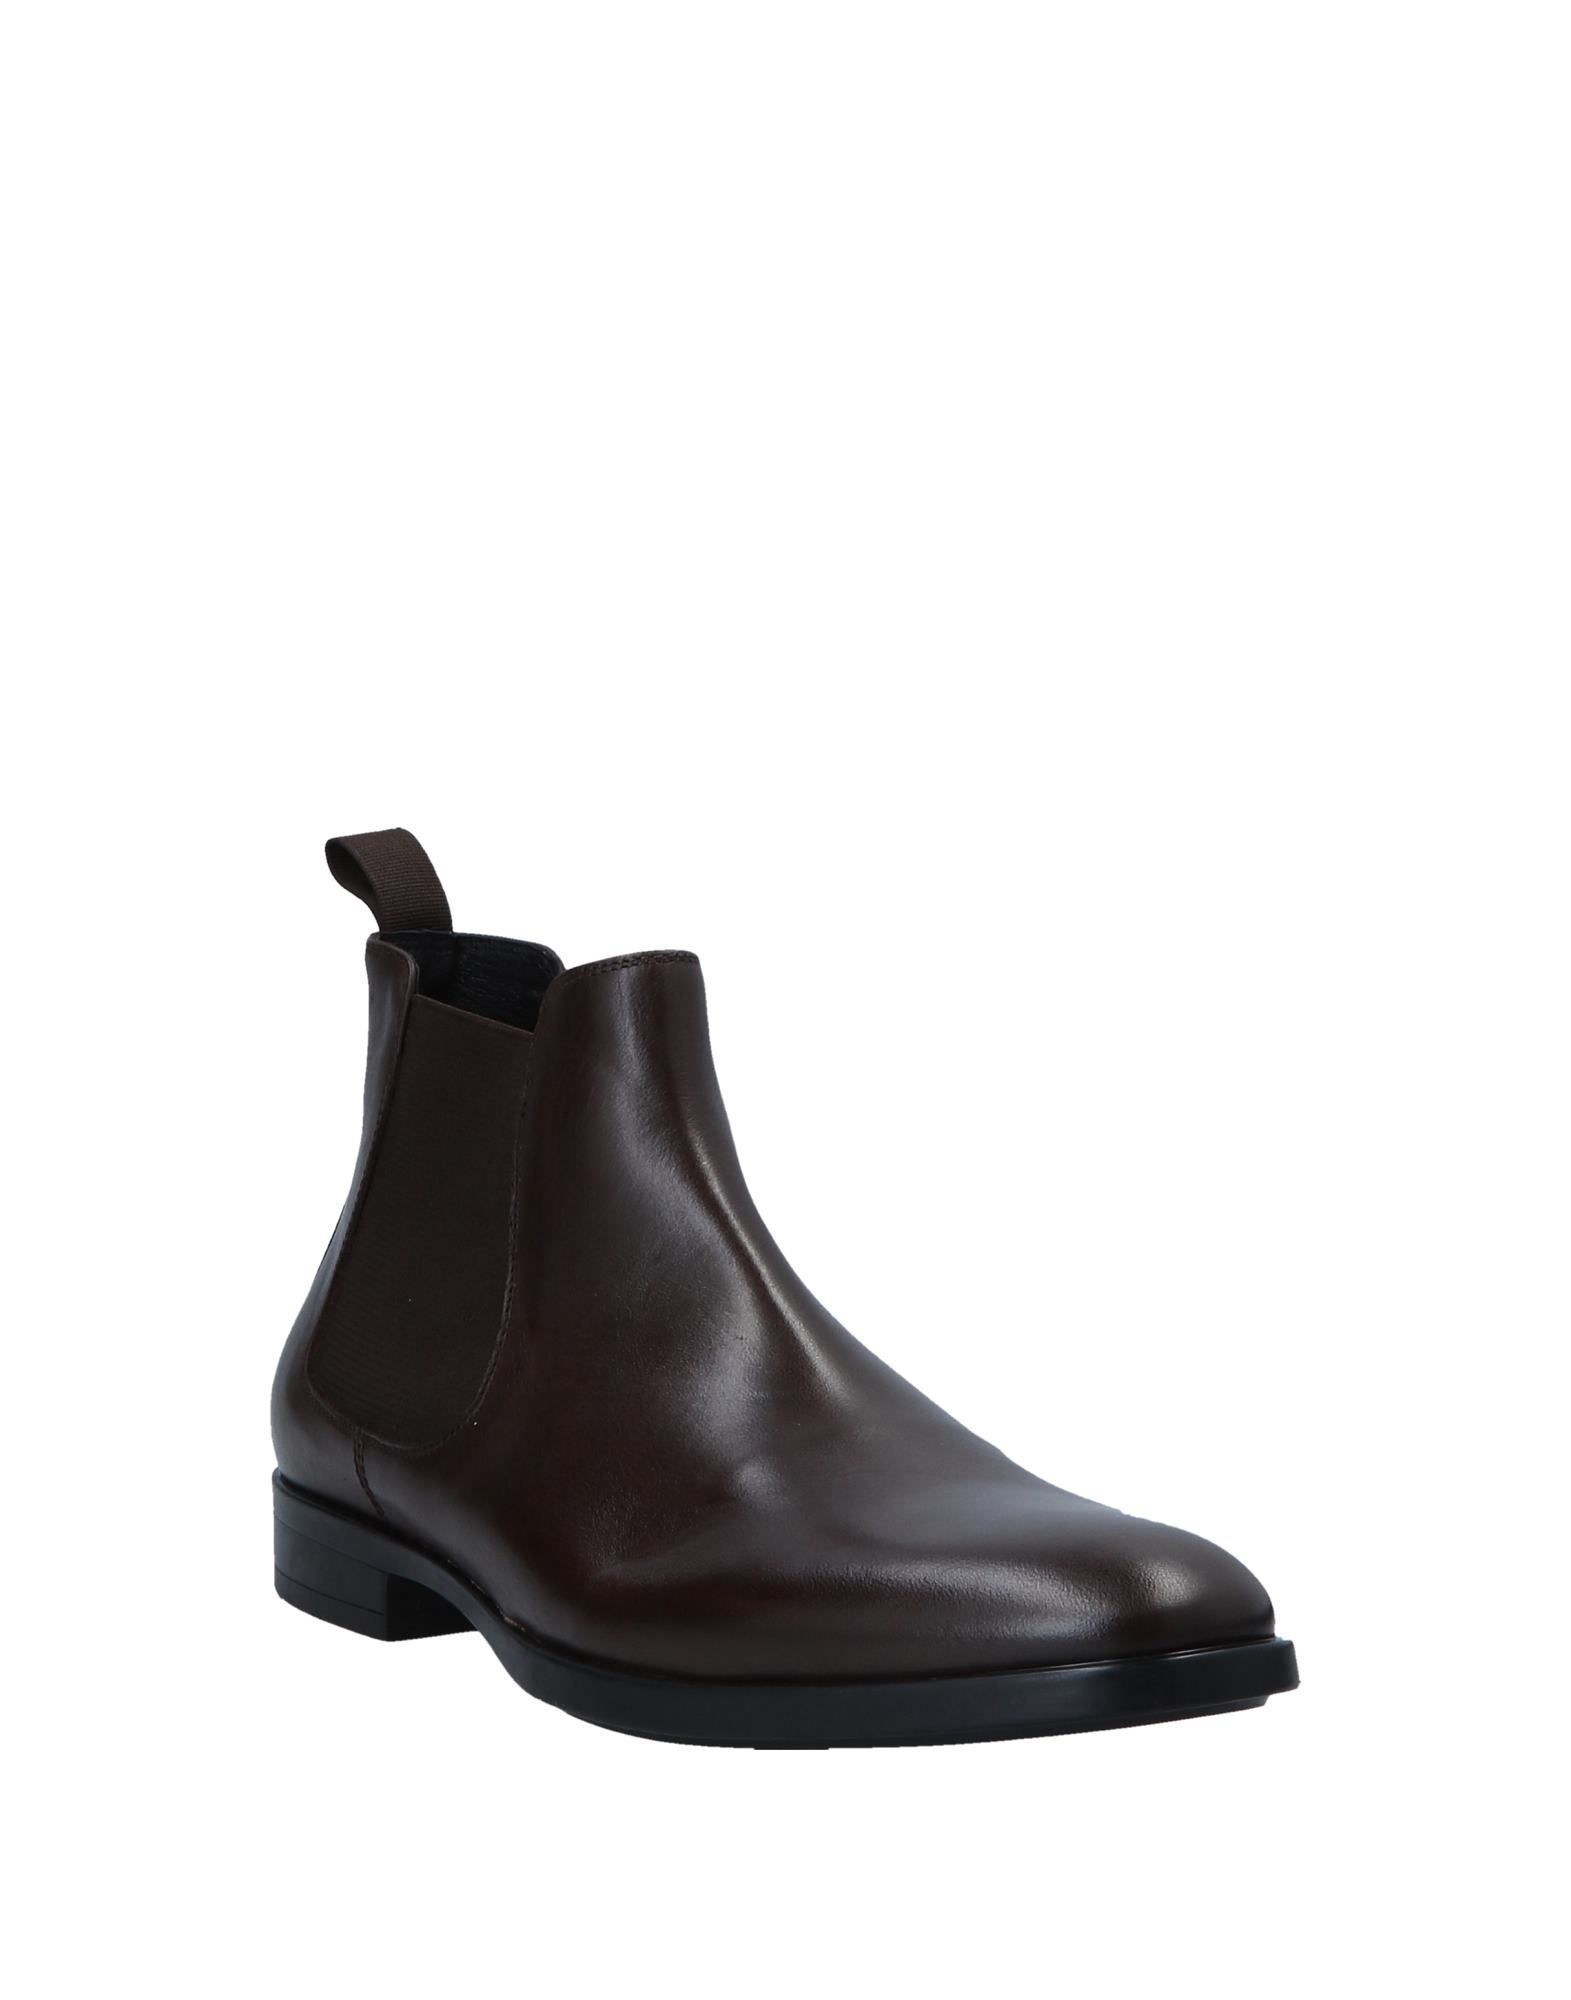 Gianfranco Lattanzi Stiefelette Herren  11546235EF Gute Qualität beliebte Schuhe